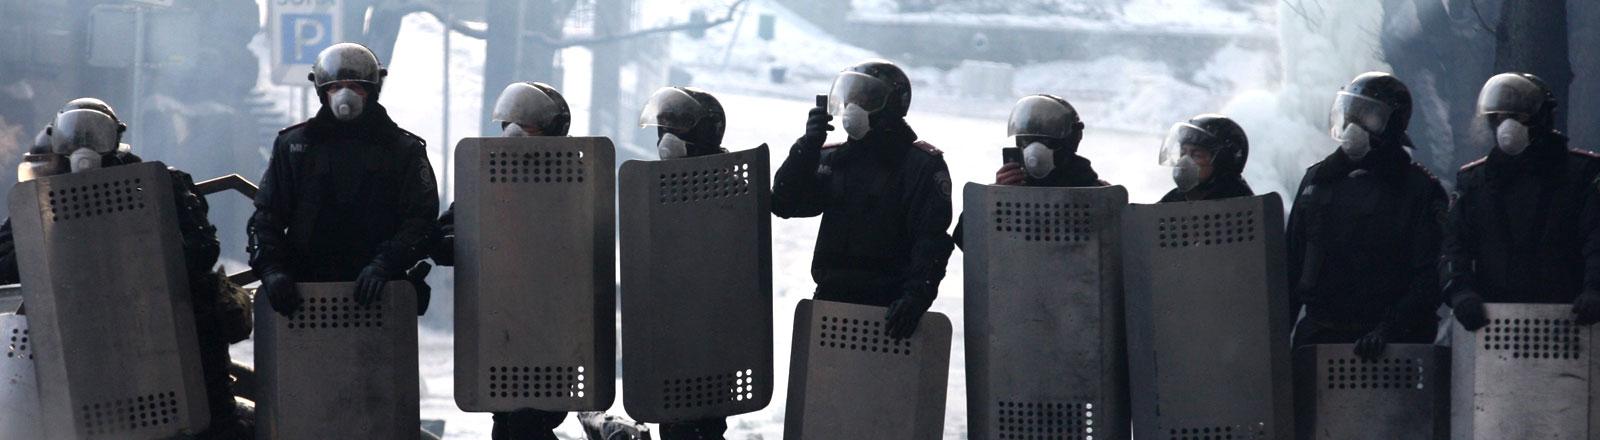 Ukrainische Polizisten stellen sich den Demonstranten in den Weg.